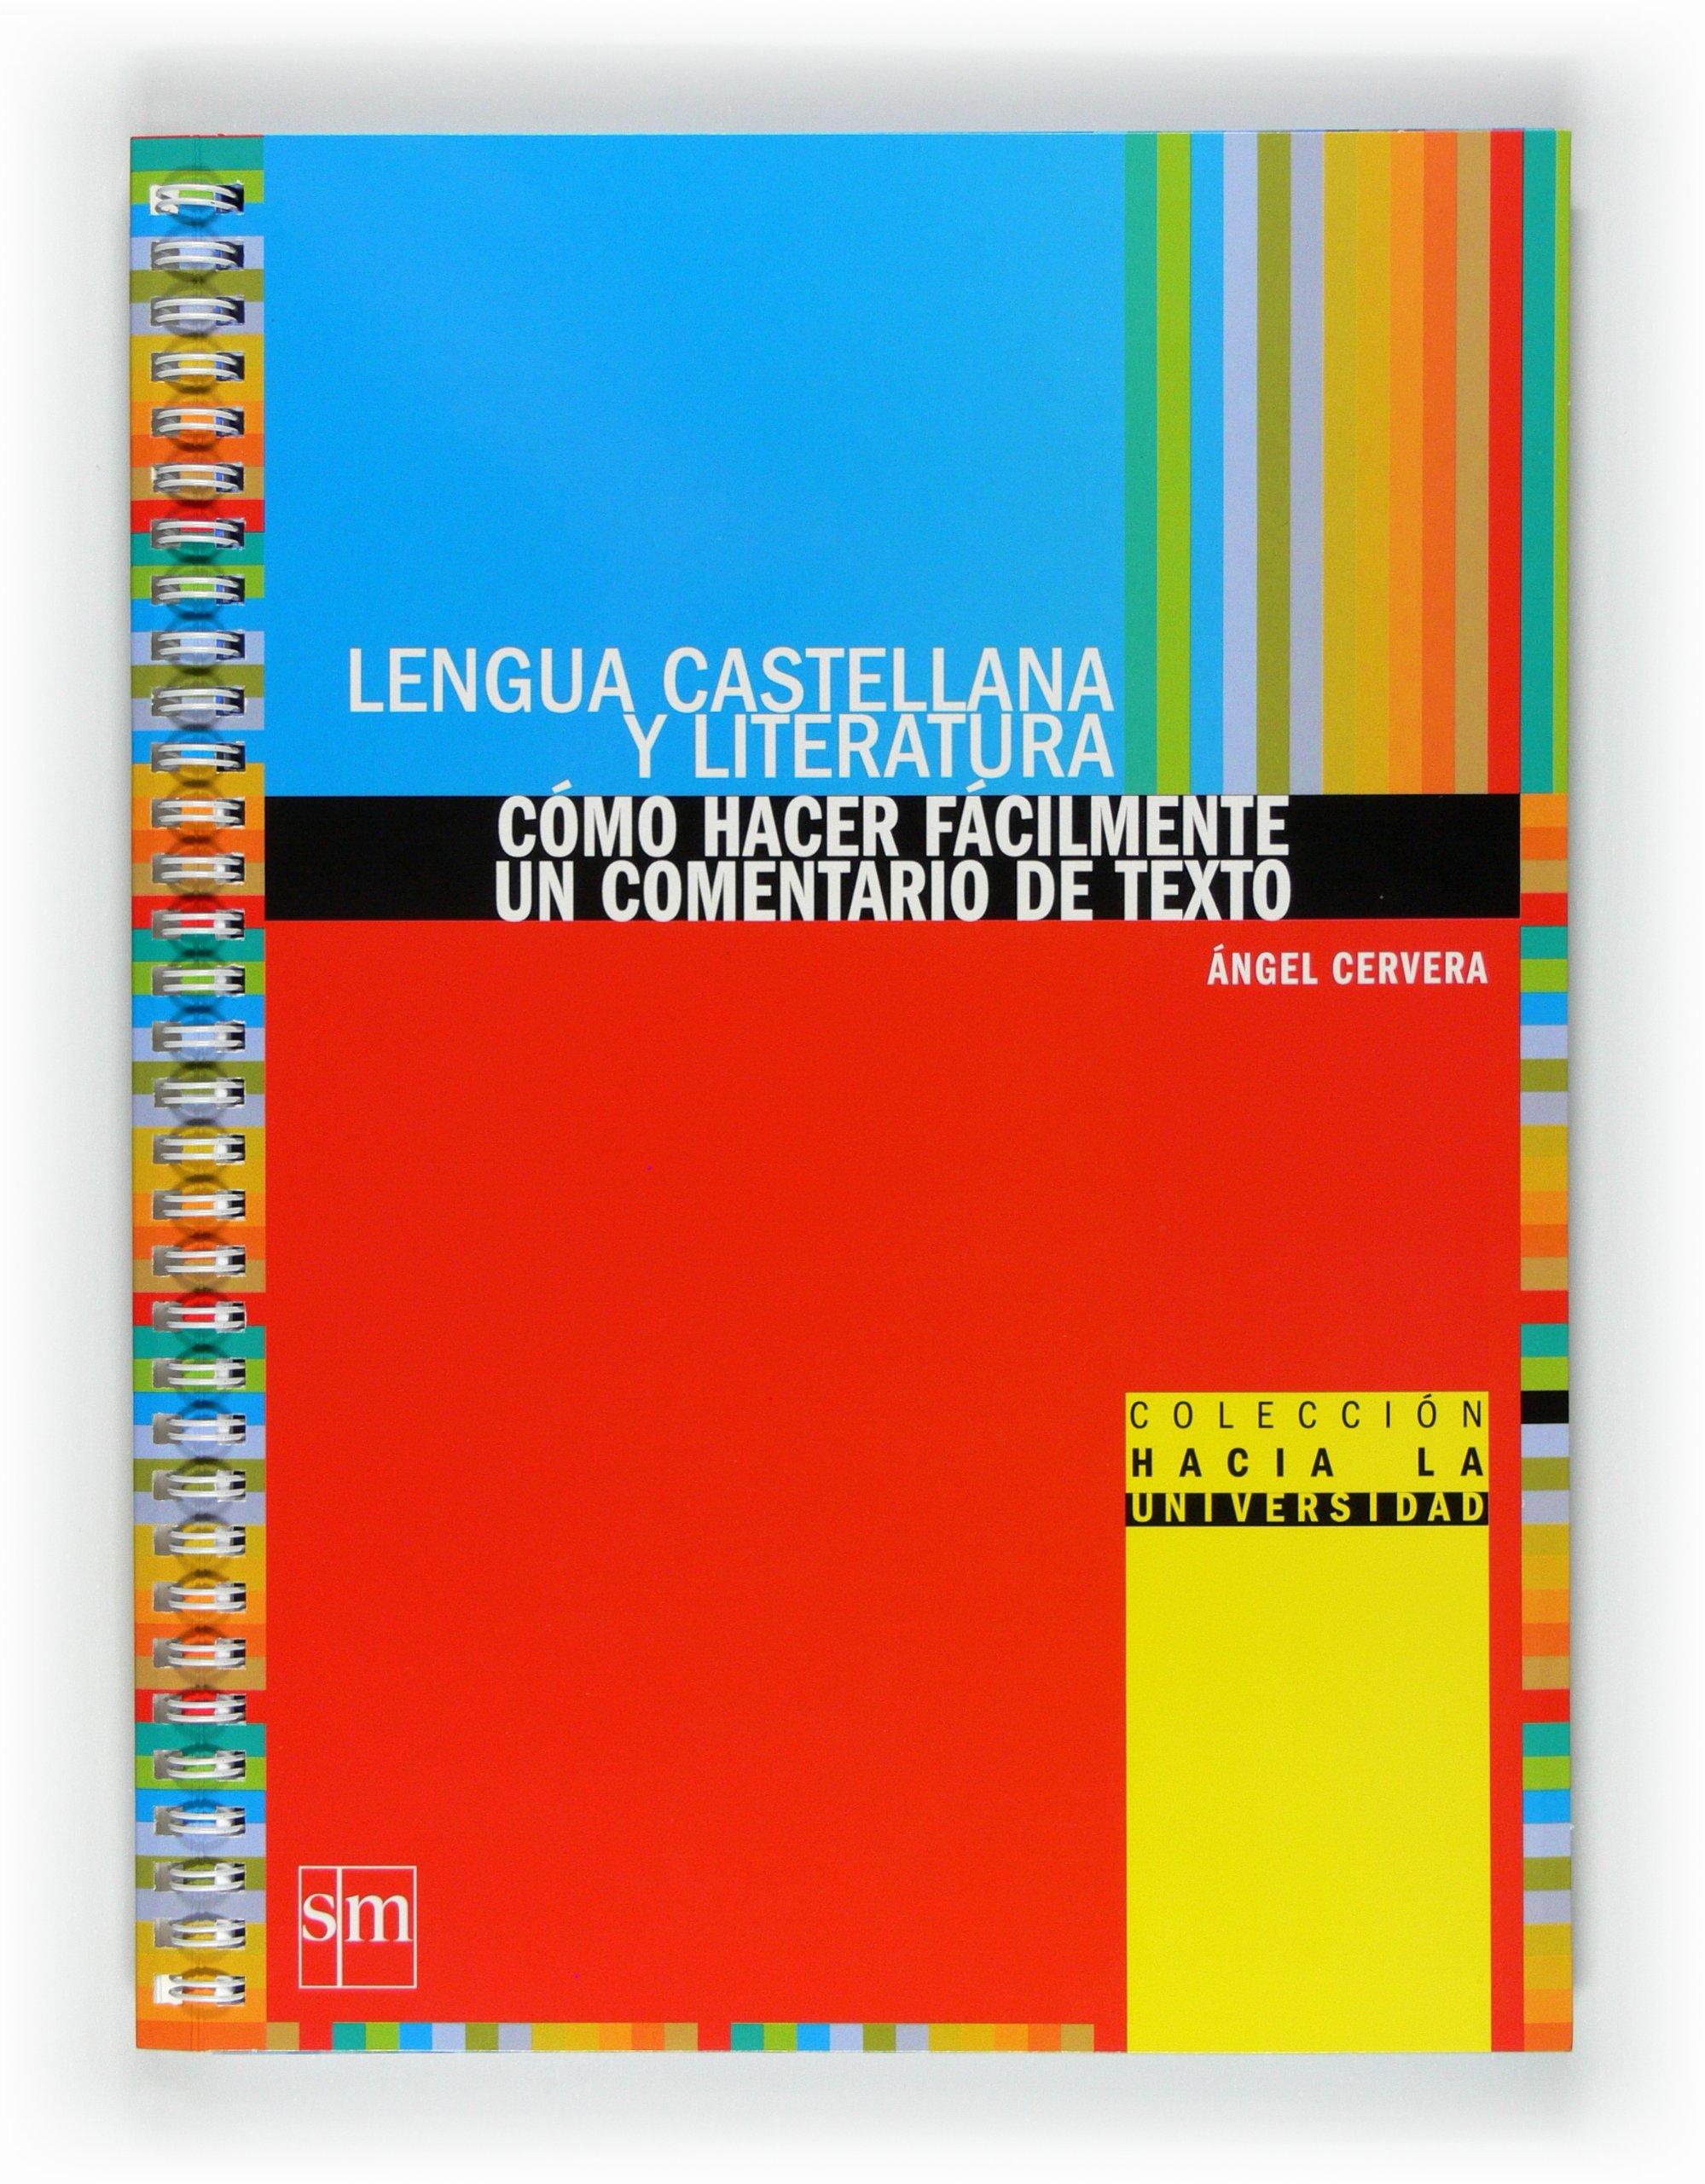 Lengua castellana y literatura: cómo hacer fácilmente un comentario de texto. Bachillerato - 9788467540086: Amazon.es: Cervera Rodríguez , Ángel: Libros